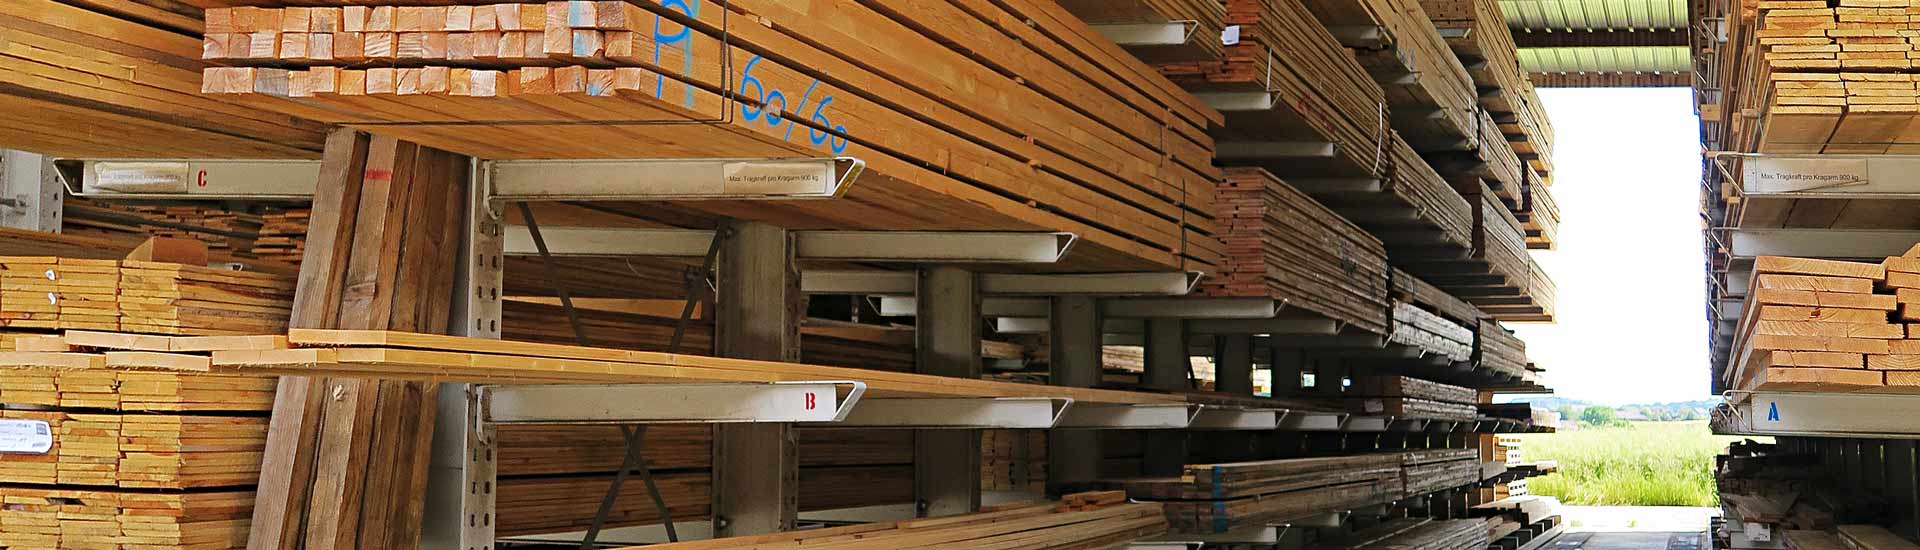 schweizer holz f r schweizer verpackungen. Black Bedroom Furniture Sets. Home Design Ideas